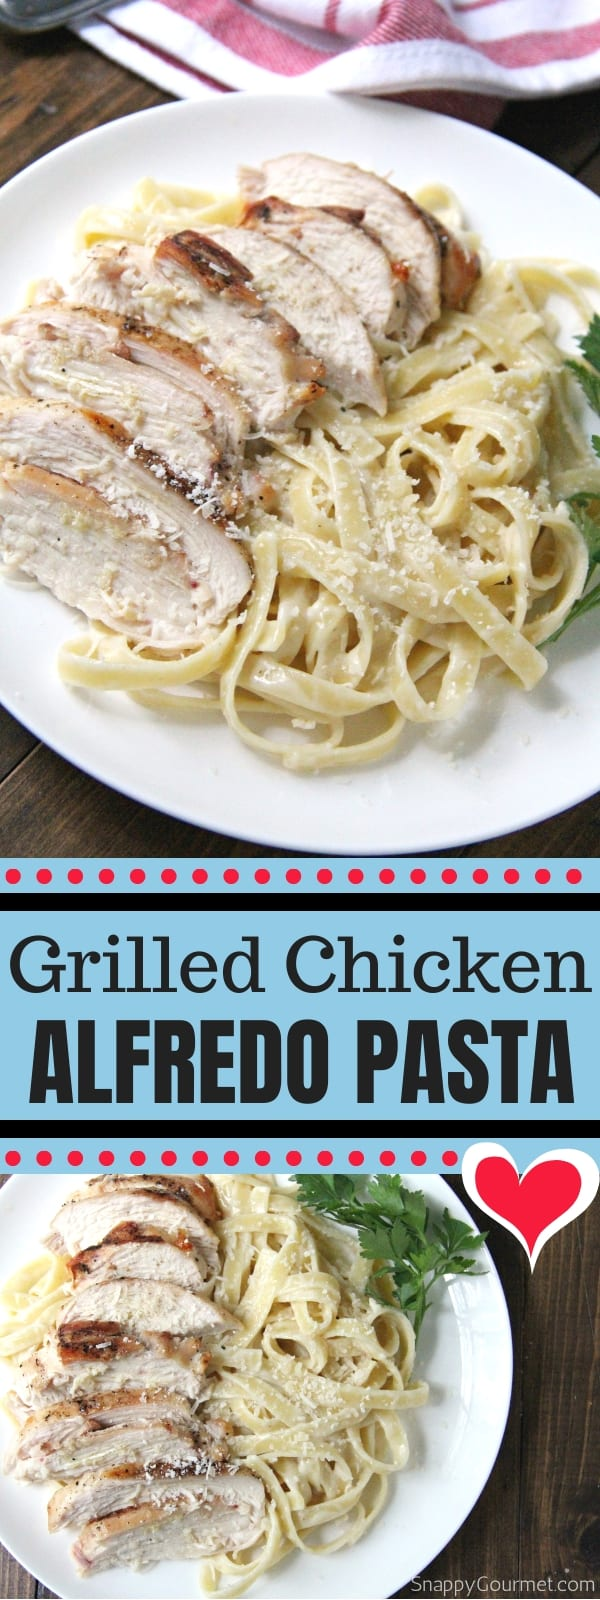 Grilled Chicken Alfredo Pasta collage